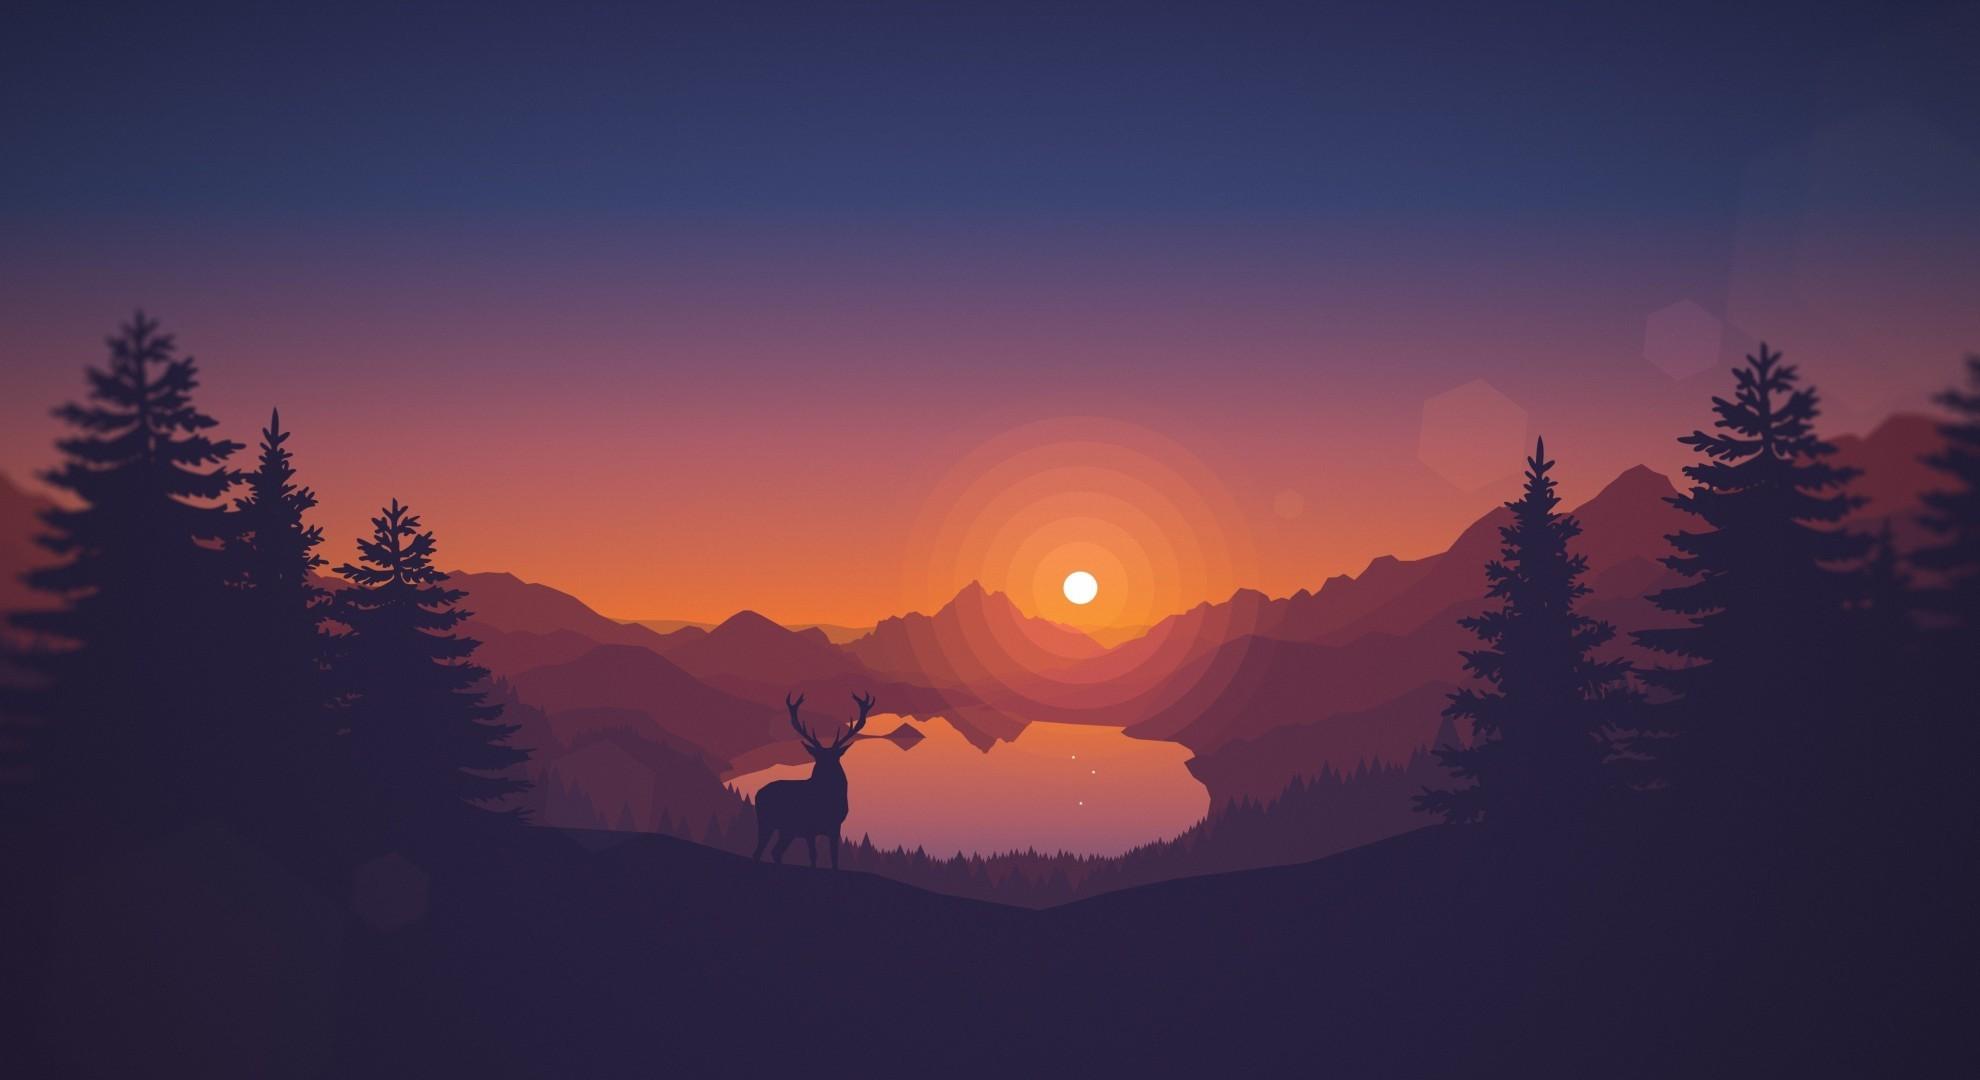 Download 1980x1080 Minimalism Scenic Toon Colors Deer Sun 1980x1080